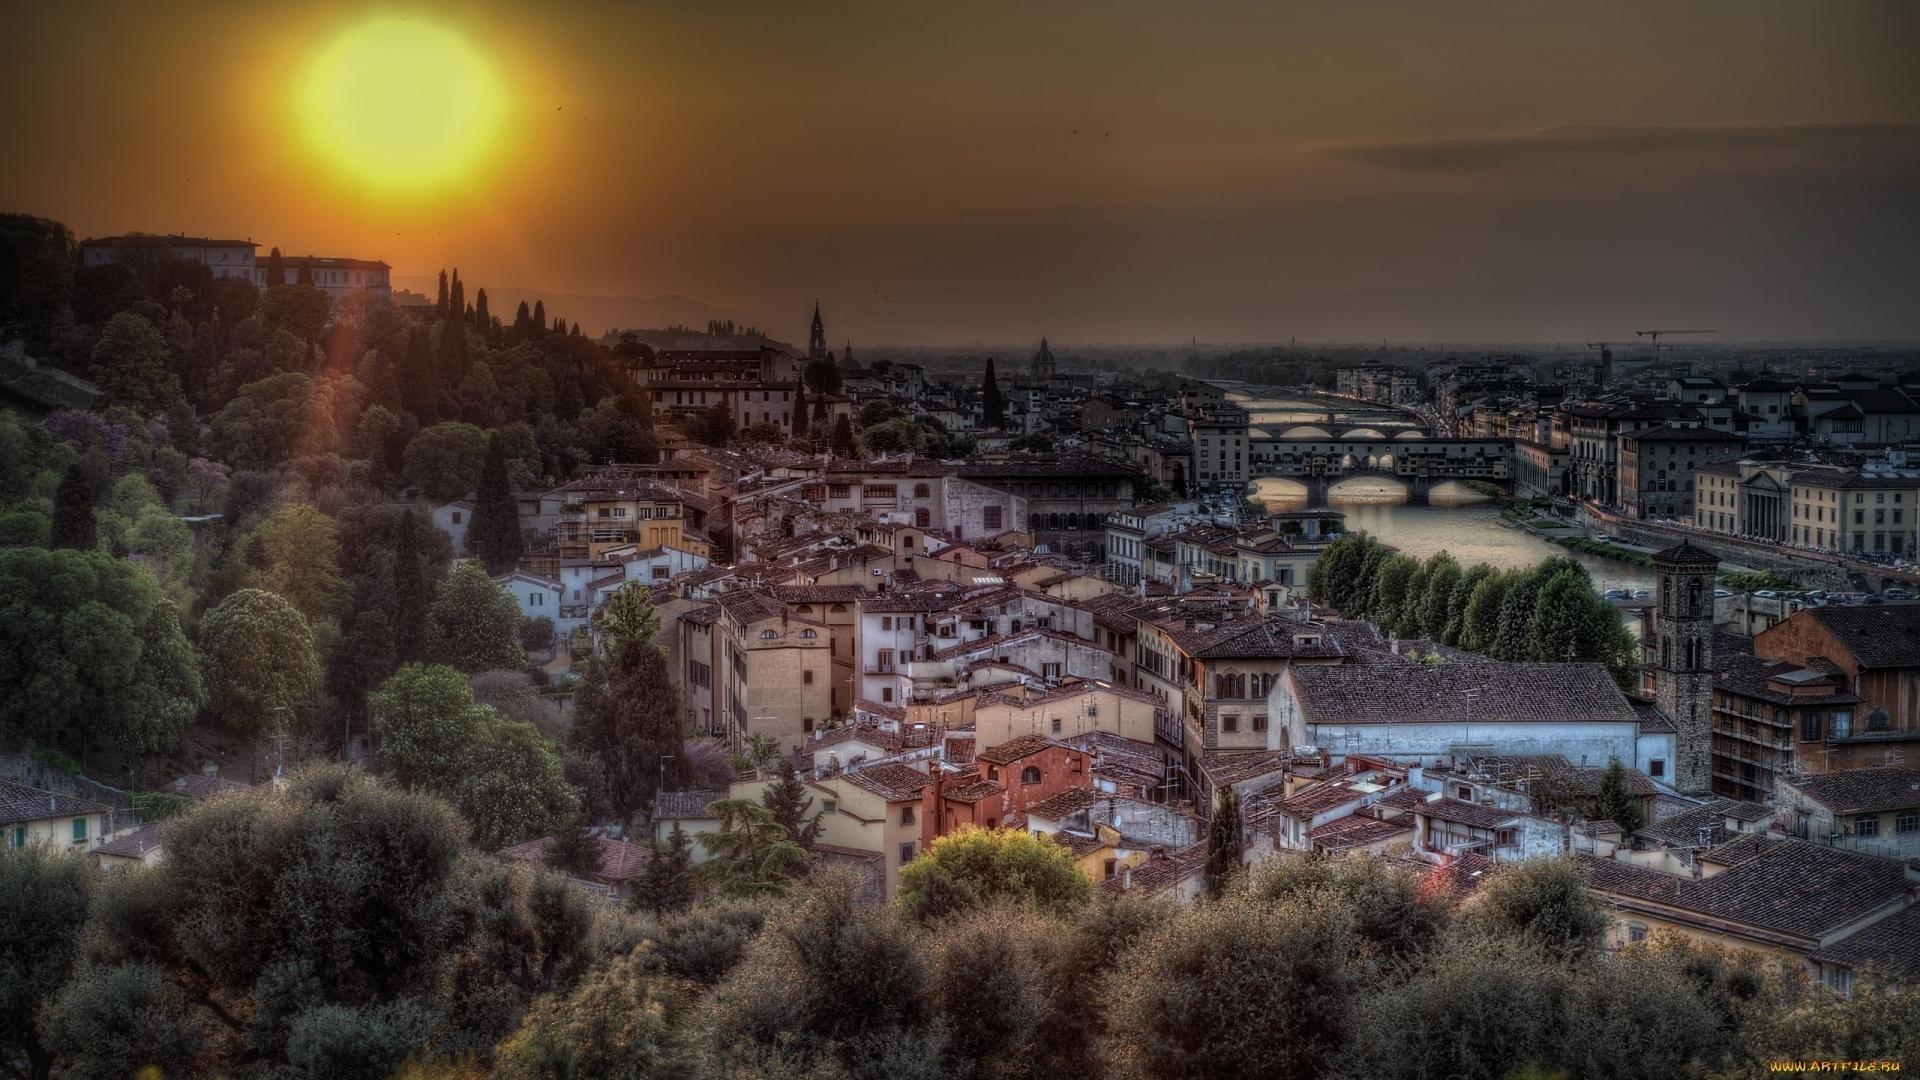 страны архитектура река Флоренция без регистрации